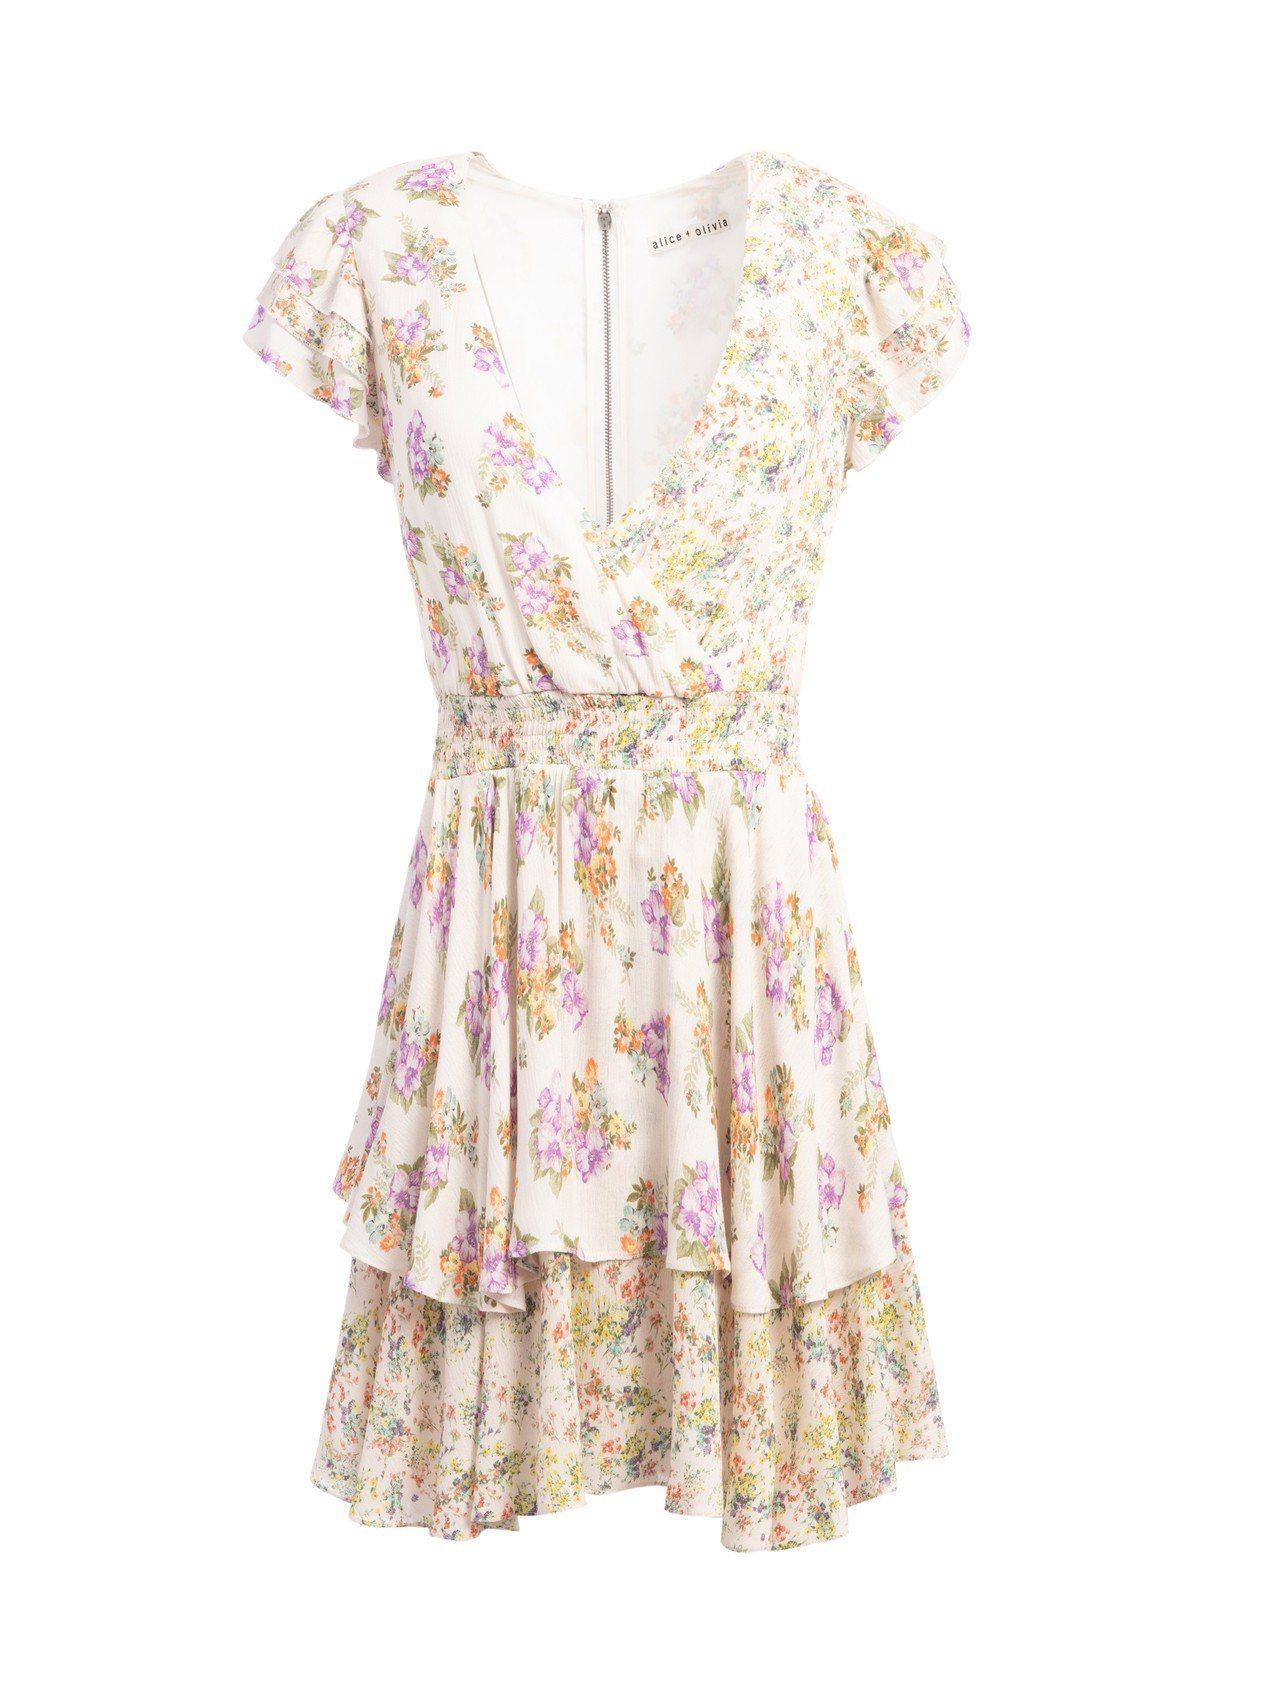 花卉印花洋裝13,900元。圖/Alice+Olivia提供